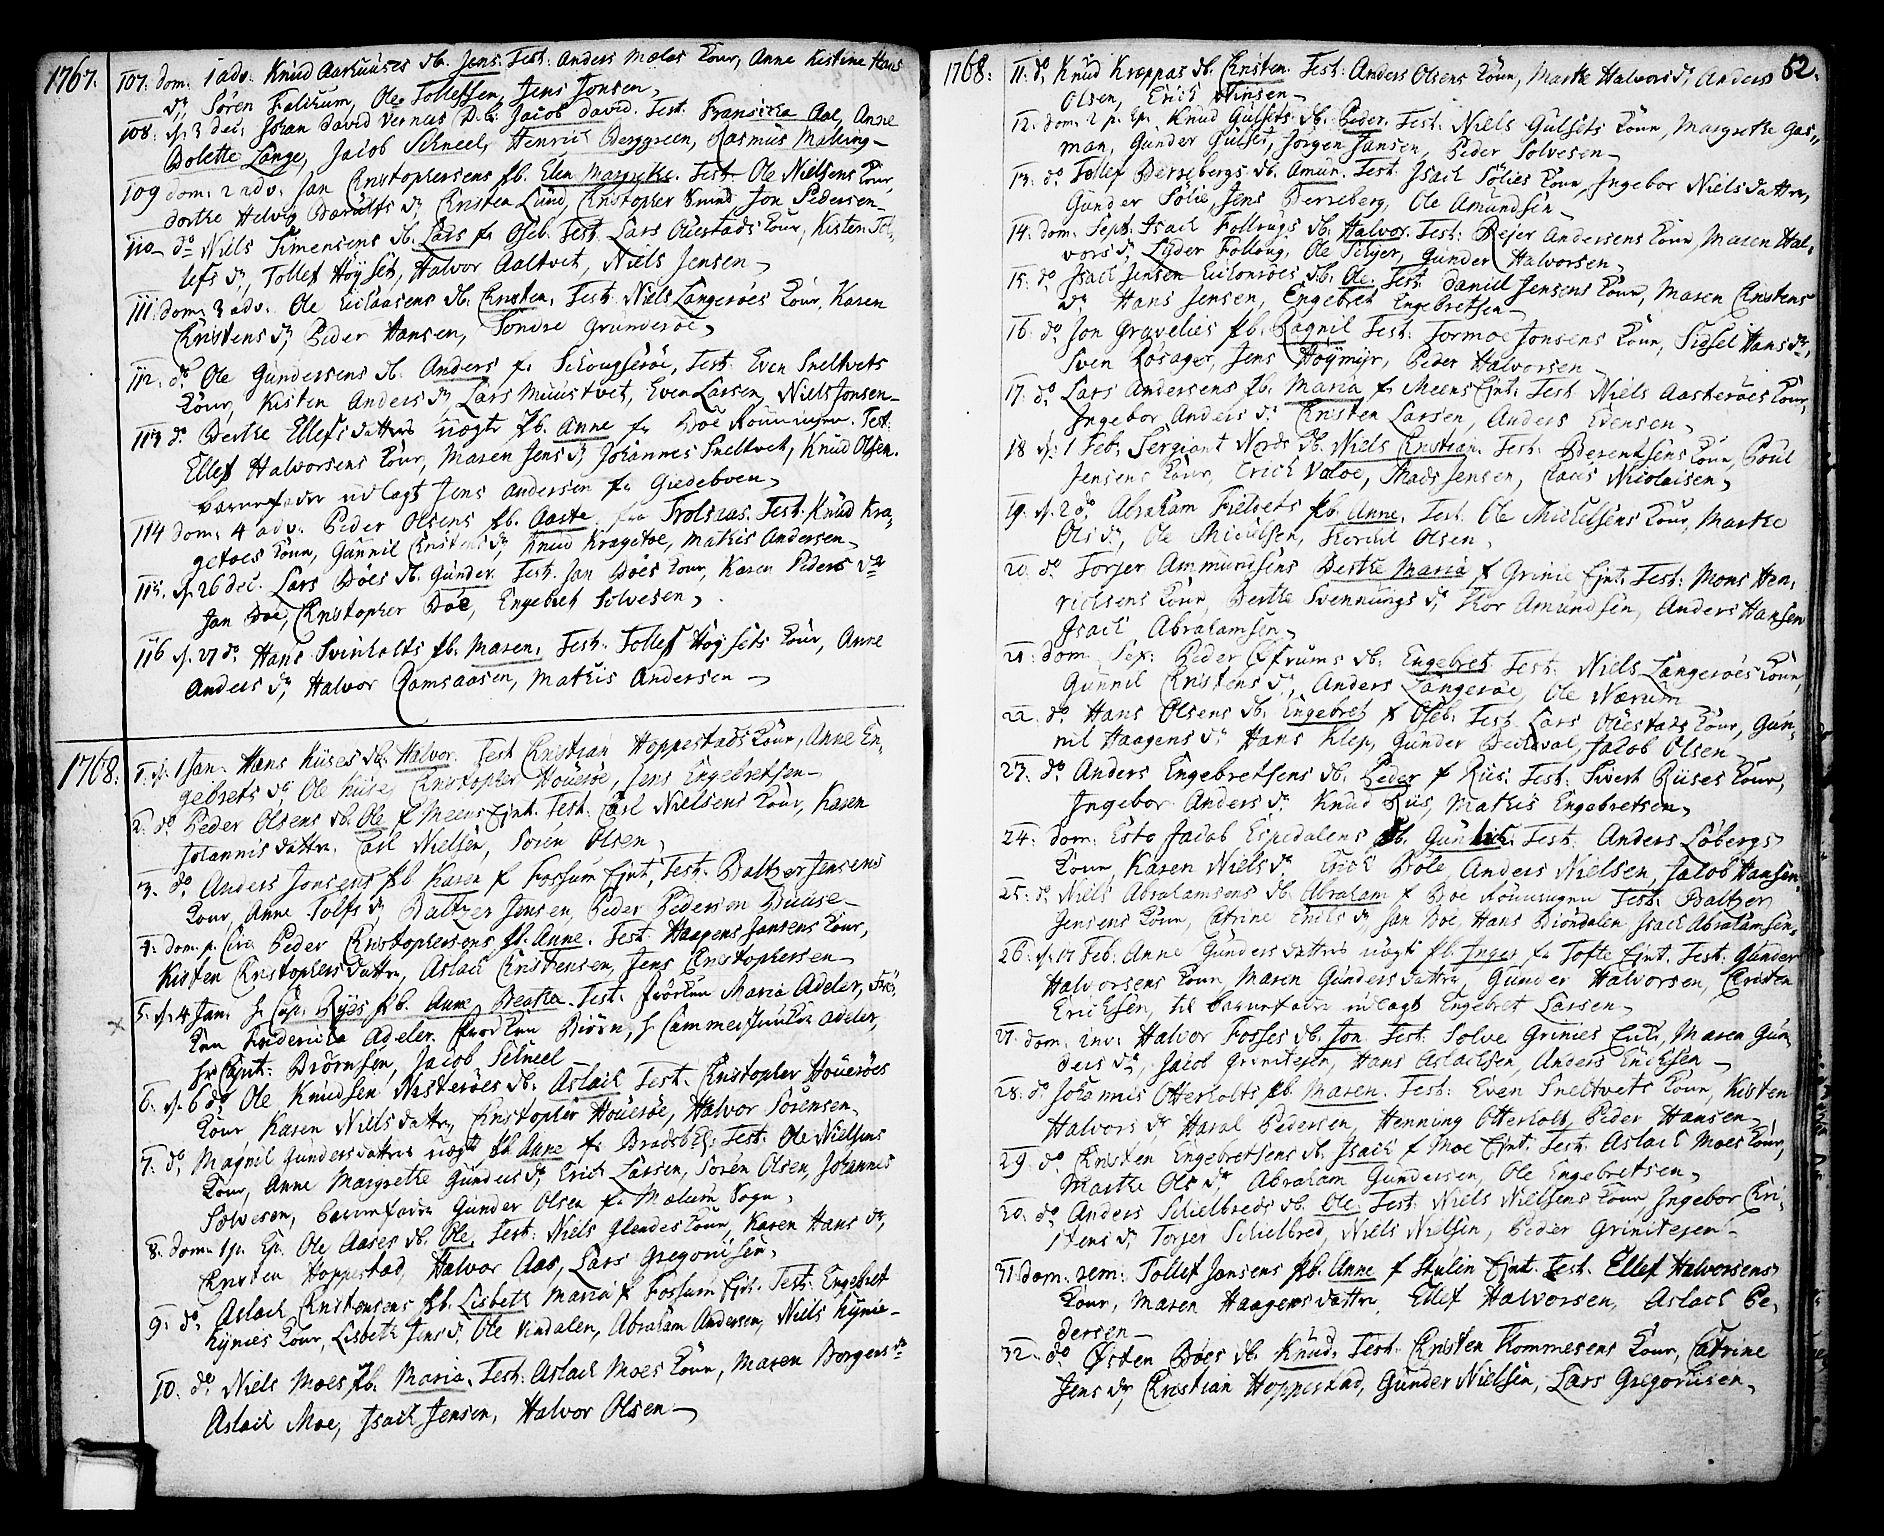 SAKO, Gjerpen kirkebøker, F/Fa/L0002: Ministerialbok nr. 2, 1747-1795, s. 52